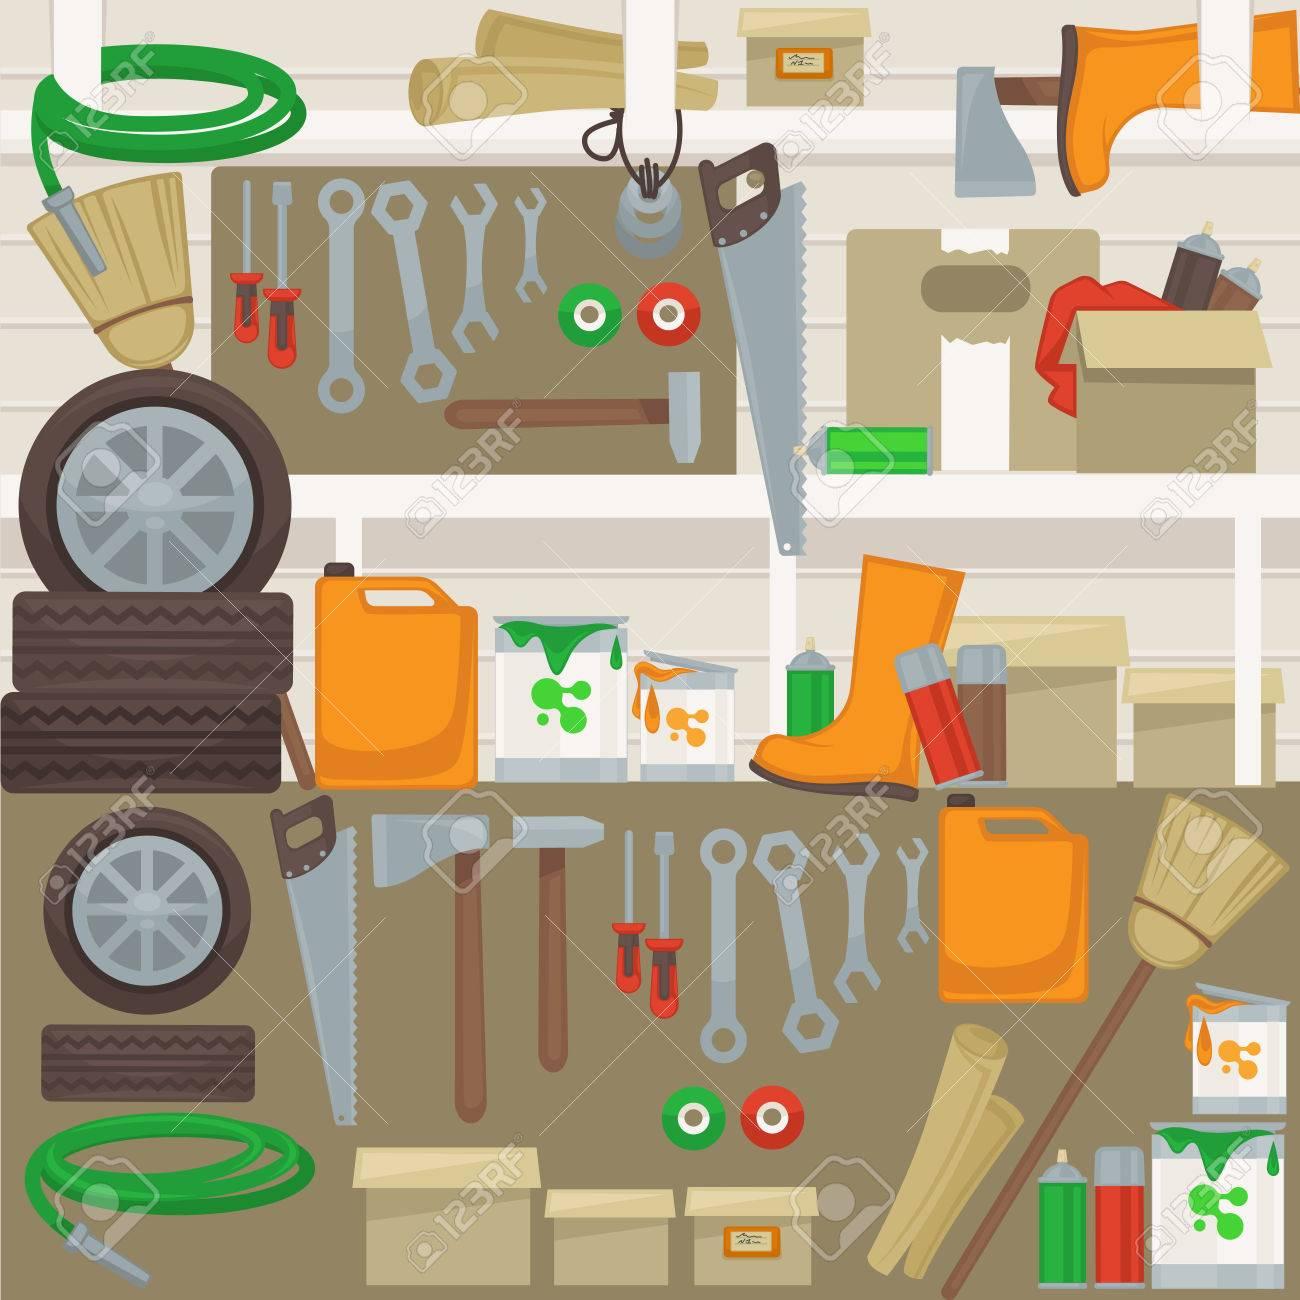 Les Outils De Travail Sur Le Mur Dans Le Garage Accueil Ensemble De Construction Et De Réparation Des Outils Marteau Perceuse Et Clé Scie Et Un